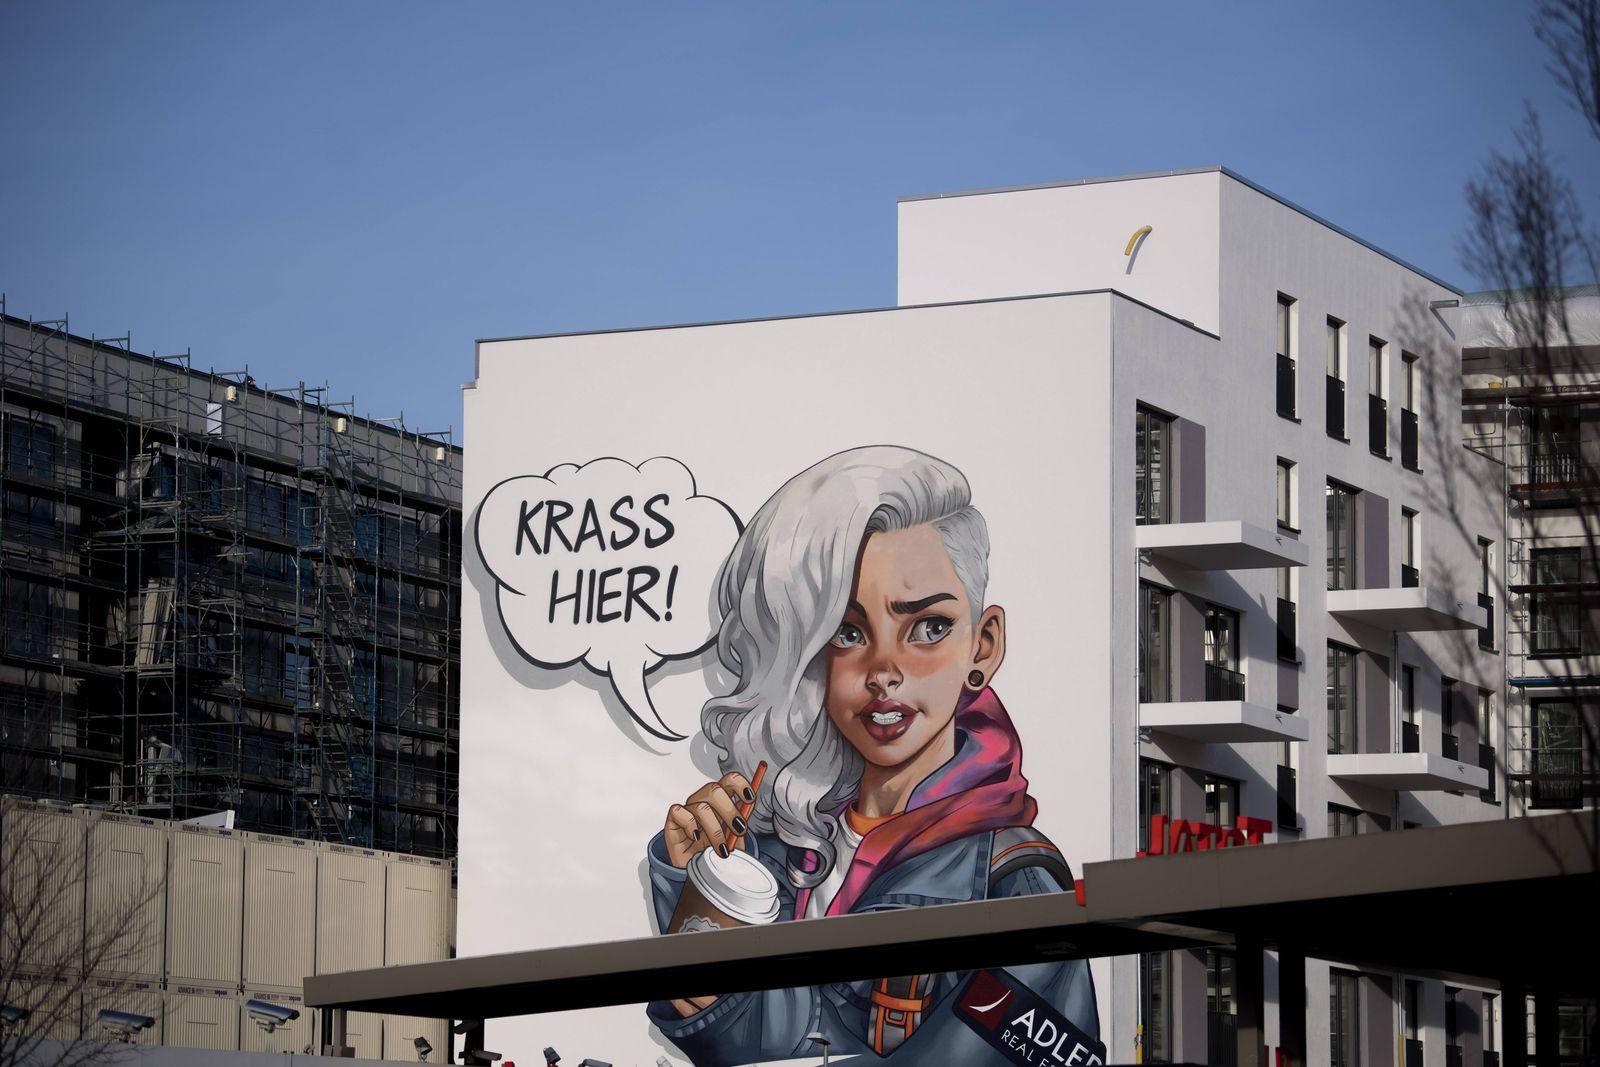 Baustelle Berlin DEU Deutschland Germany Berlin 04 02 2019 Werbung Krass Hier an der Baustelle